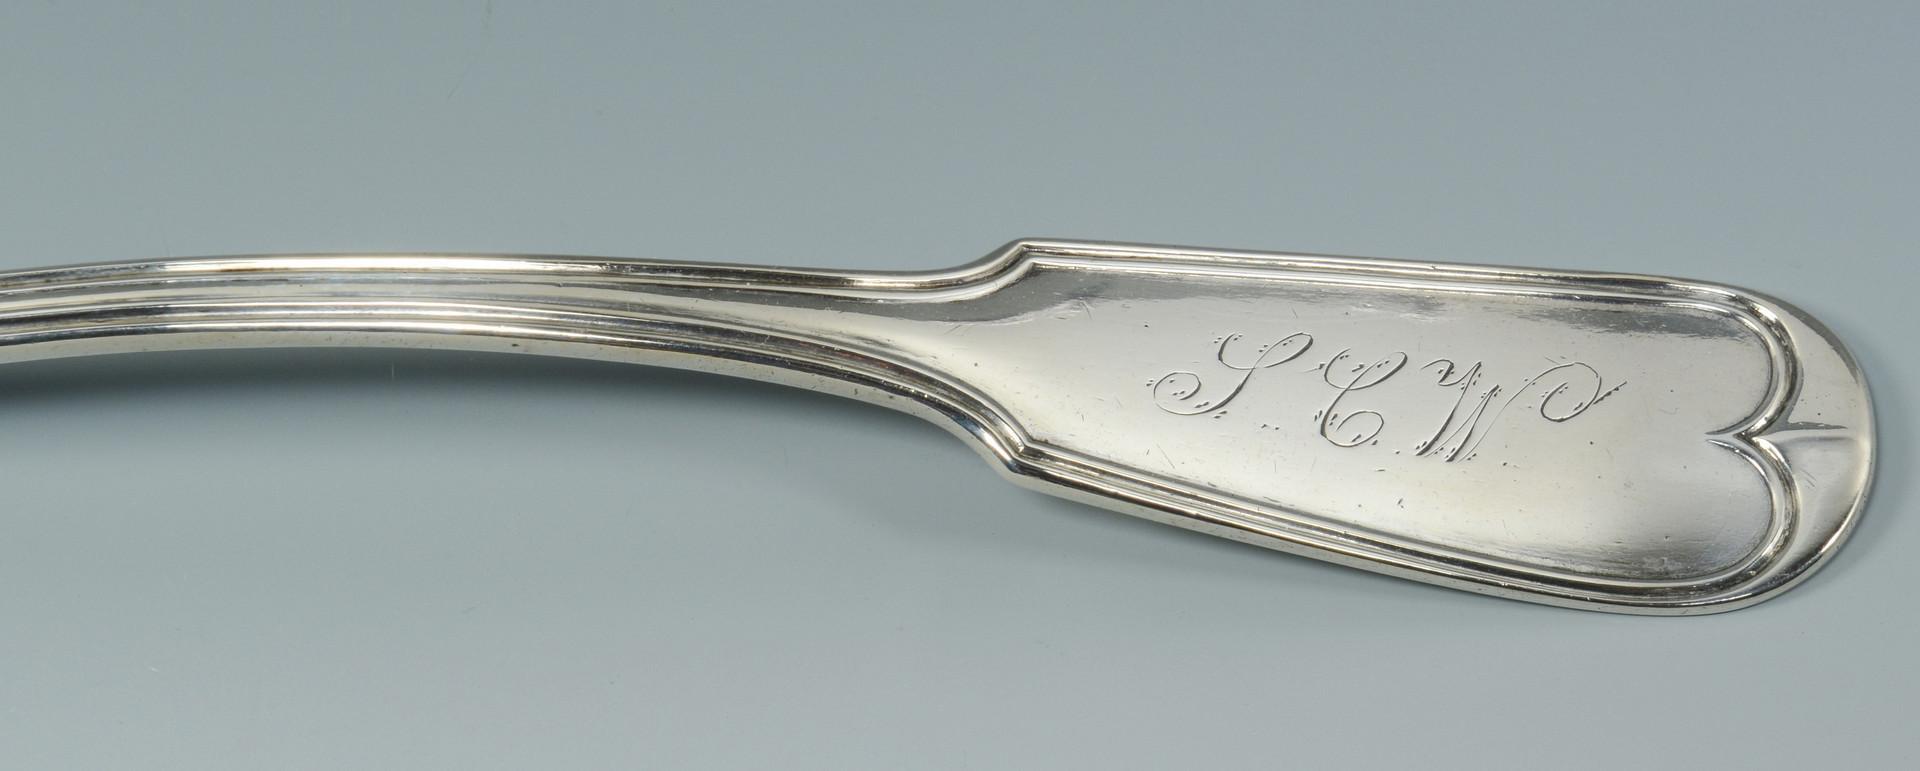 Lot 85: Mobile, Ala. Coin Silver Soup Ladle